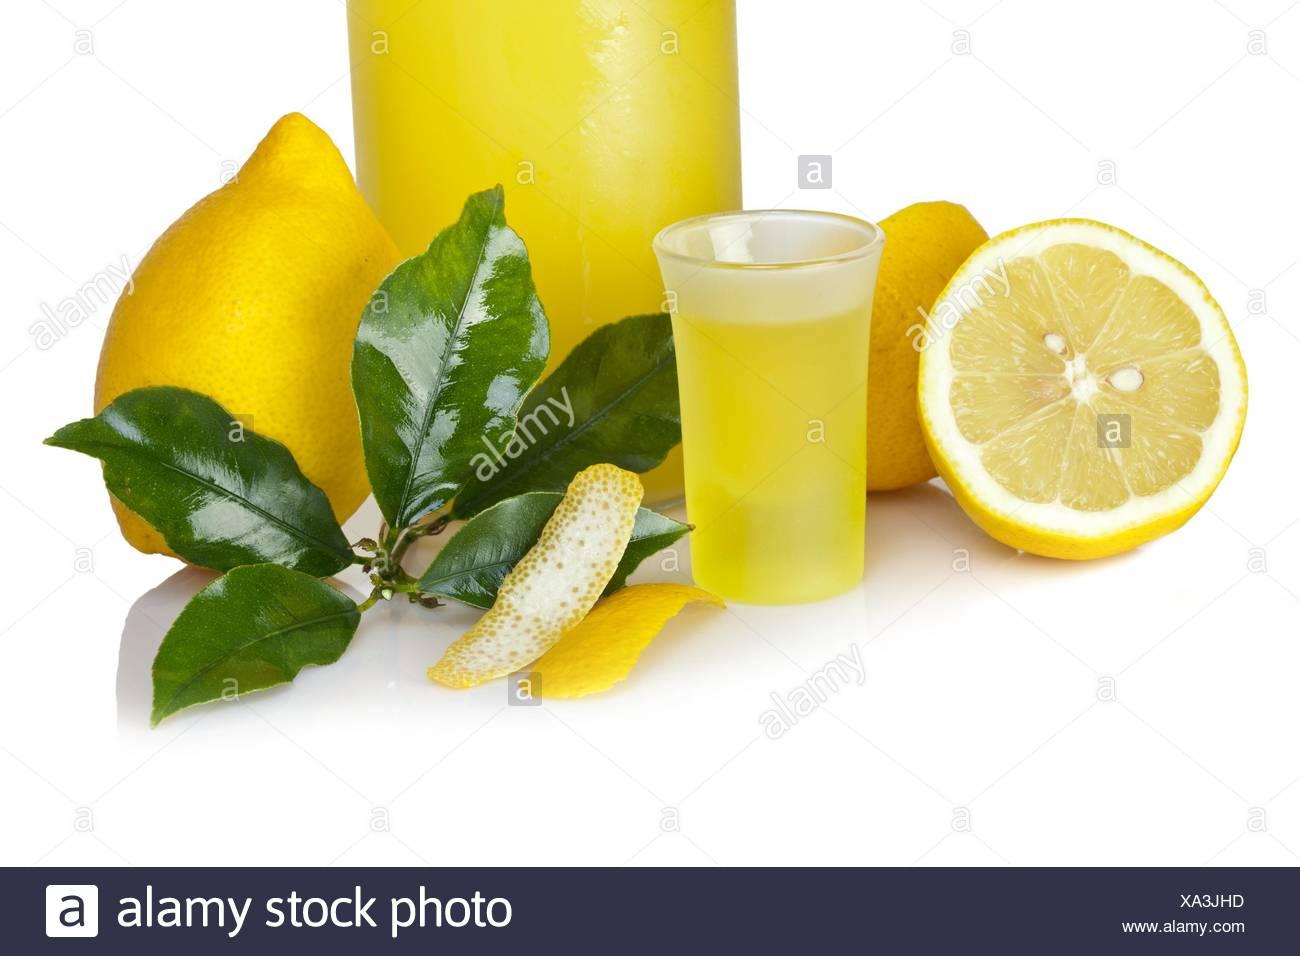 Italiano di bevanda alcolica - Limoncello. Immagini Stock